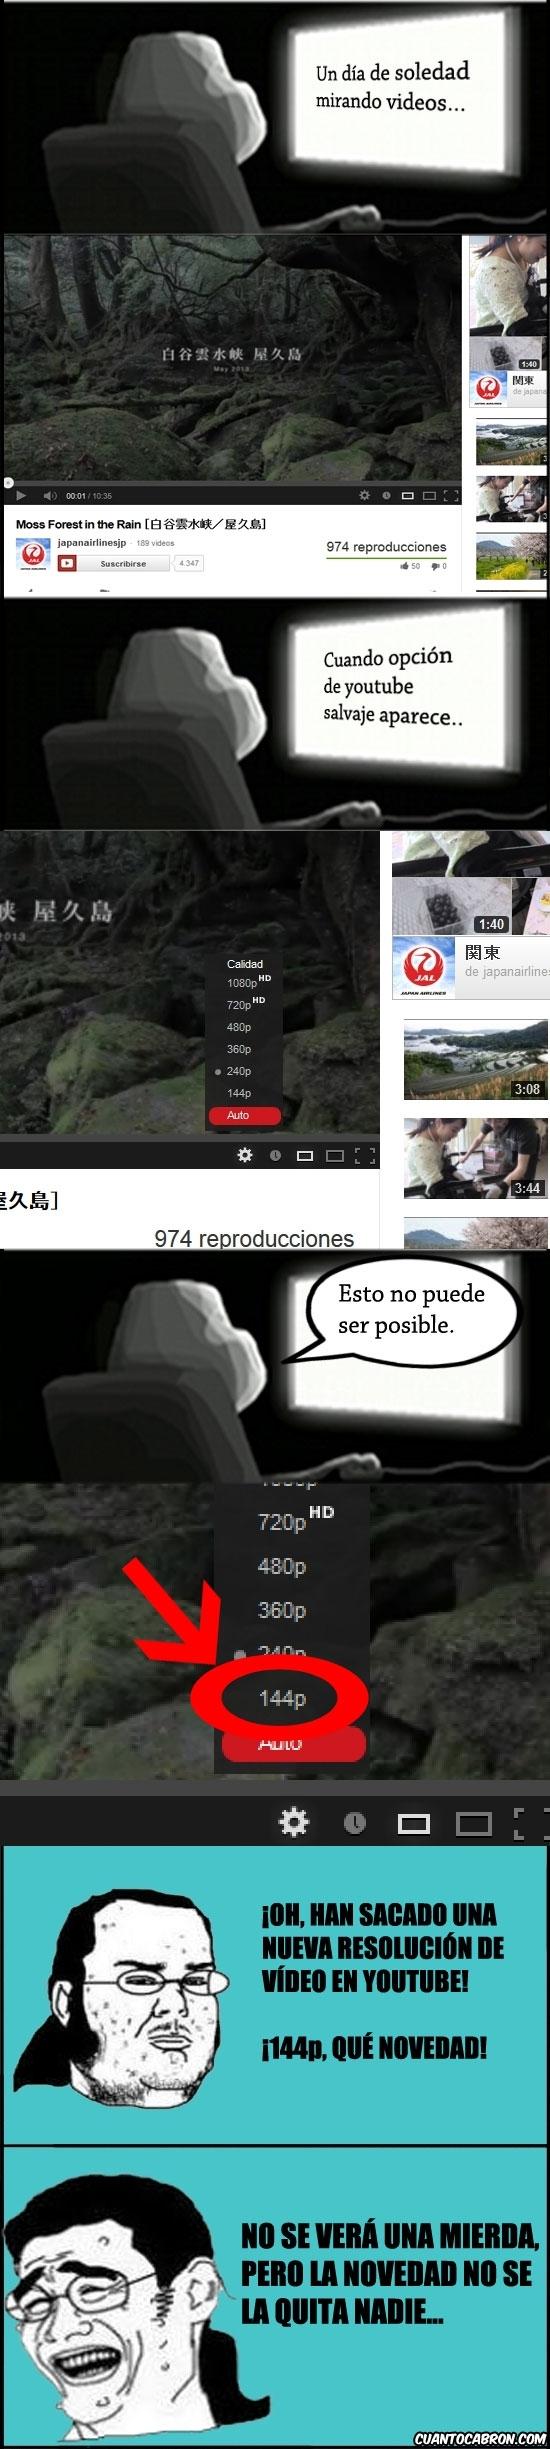 Yao - ¿Los videos de youtube no cargan? Tenemos la solución